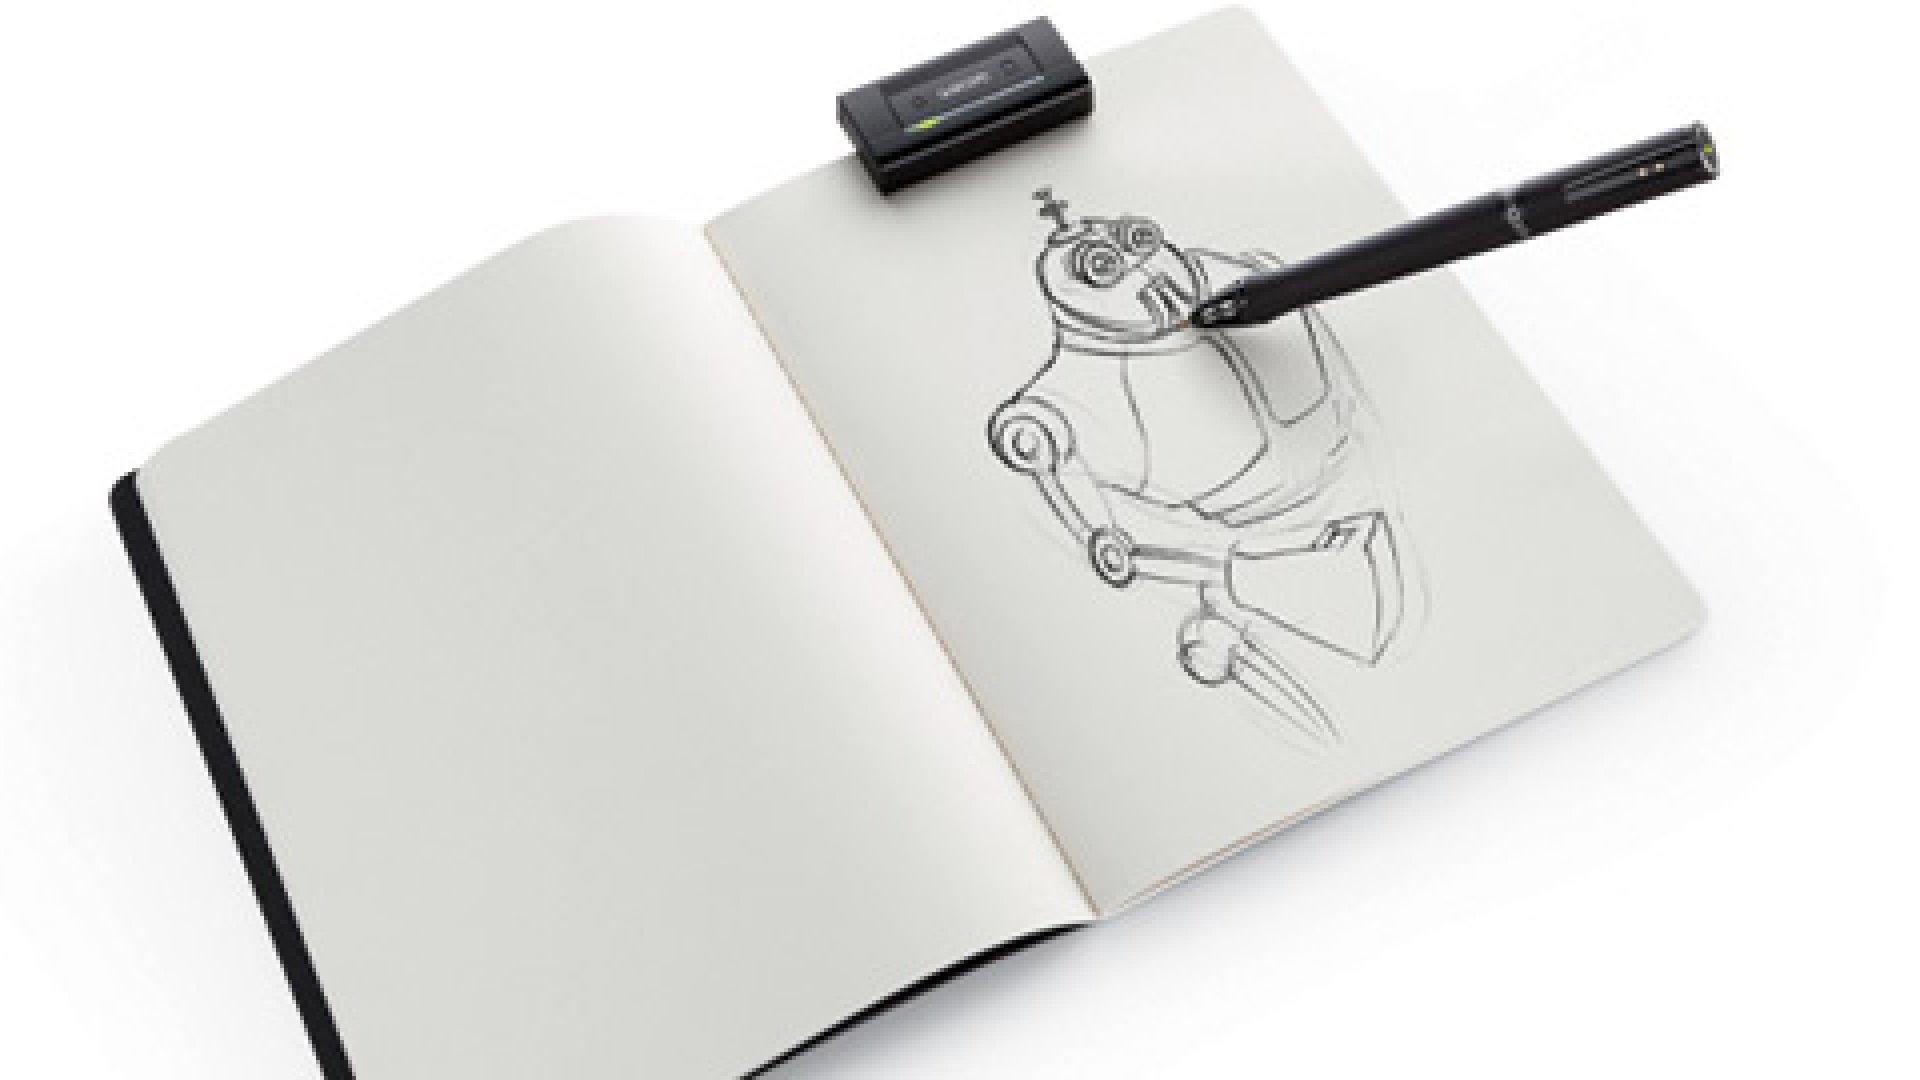 A Souped-up Digital Pen